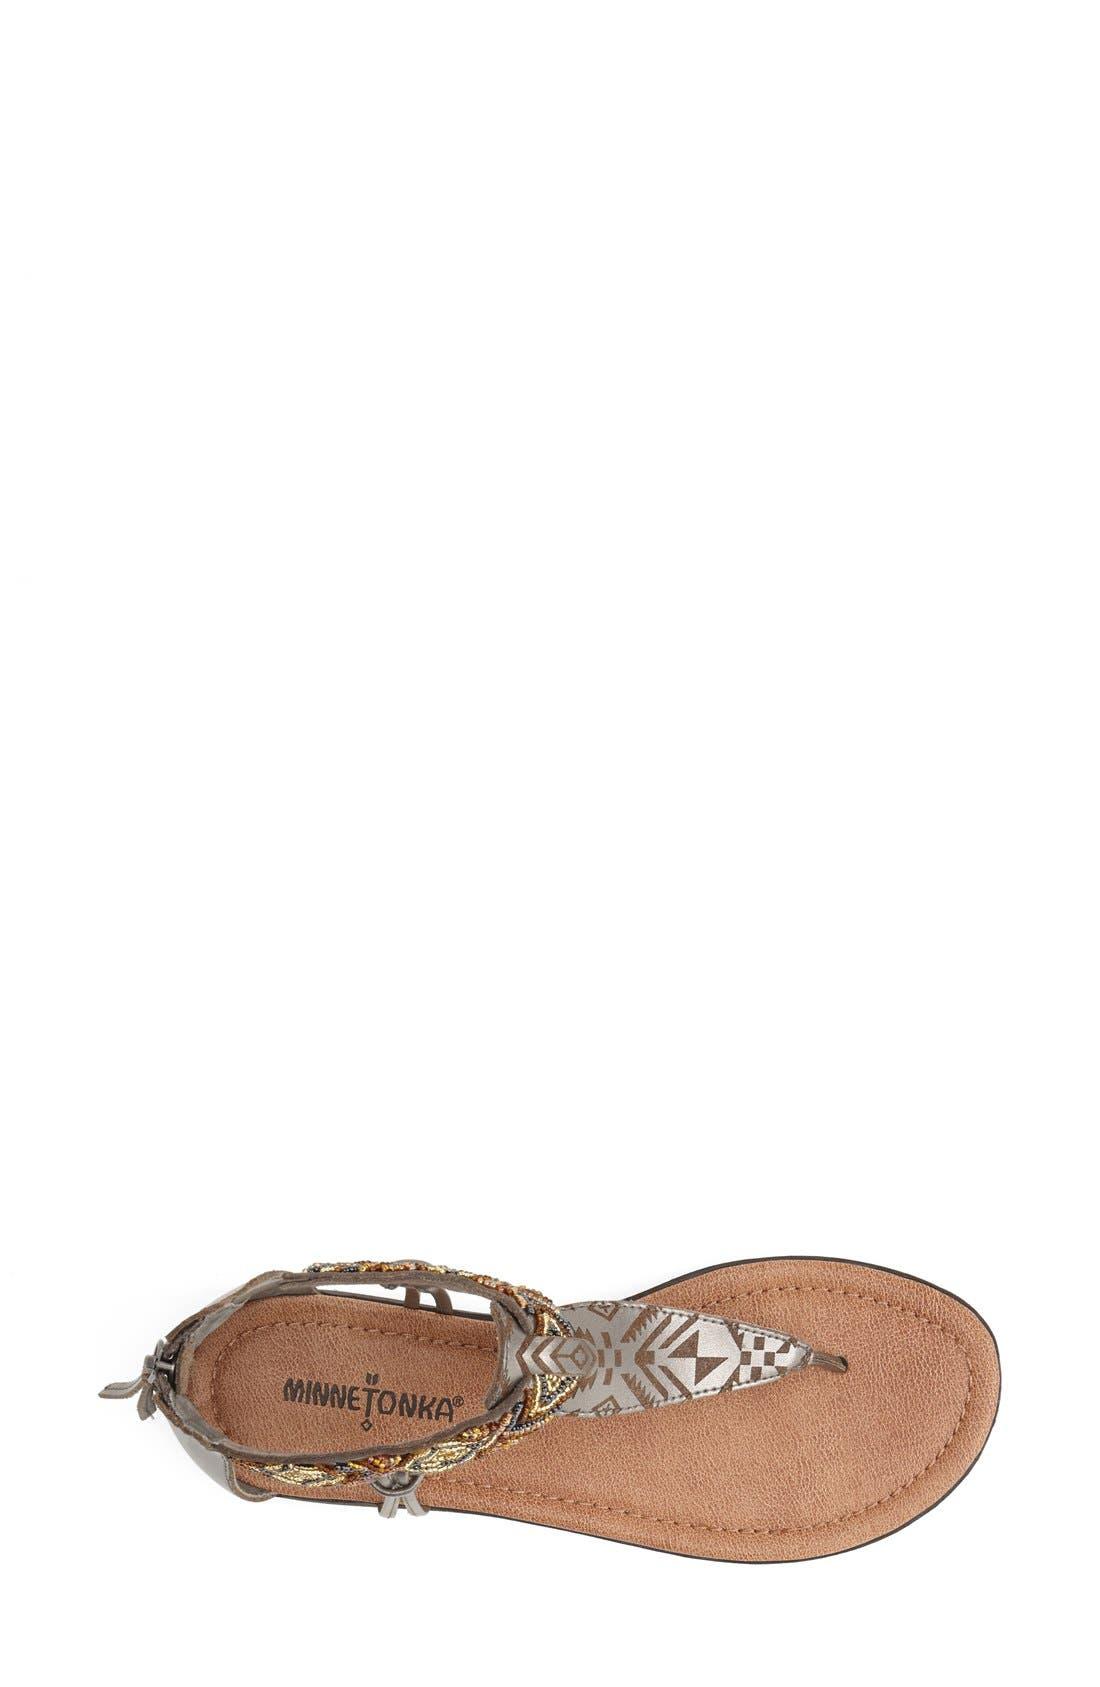 Alternate Image 3  - Minnetonka 'Antigua' Beaded Thong Sandal (Women)